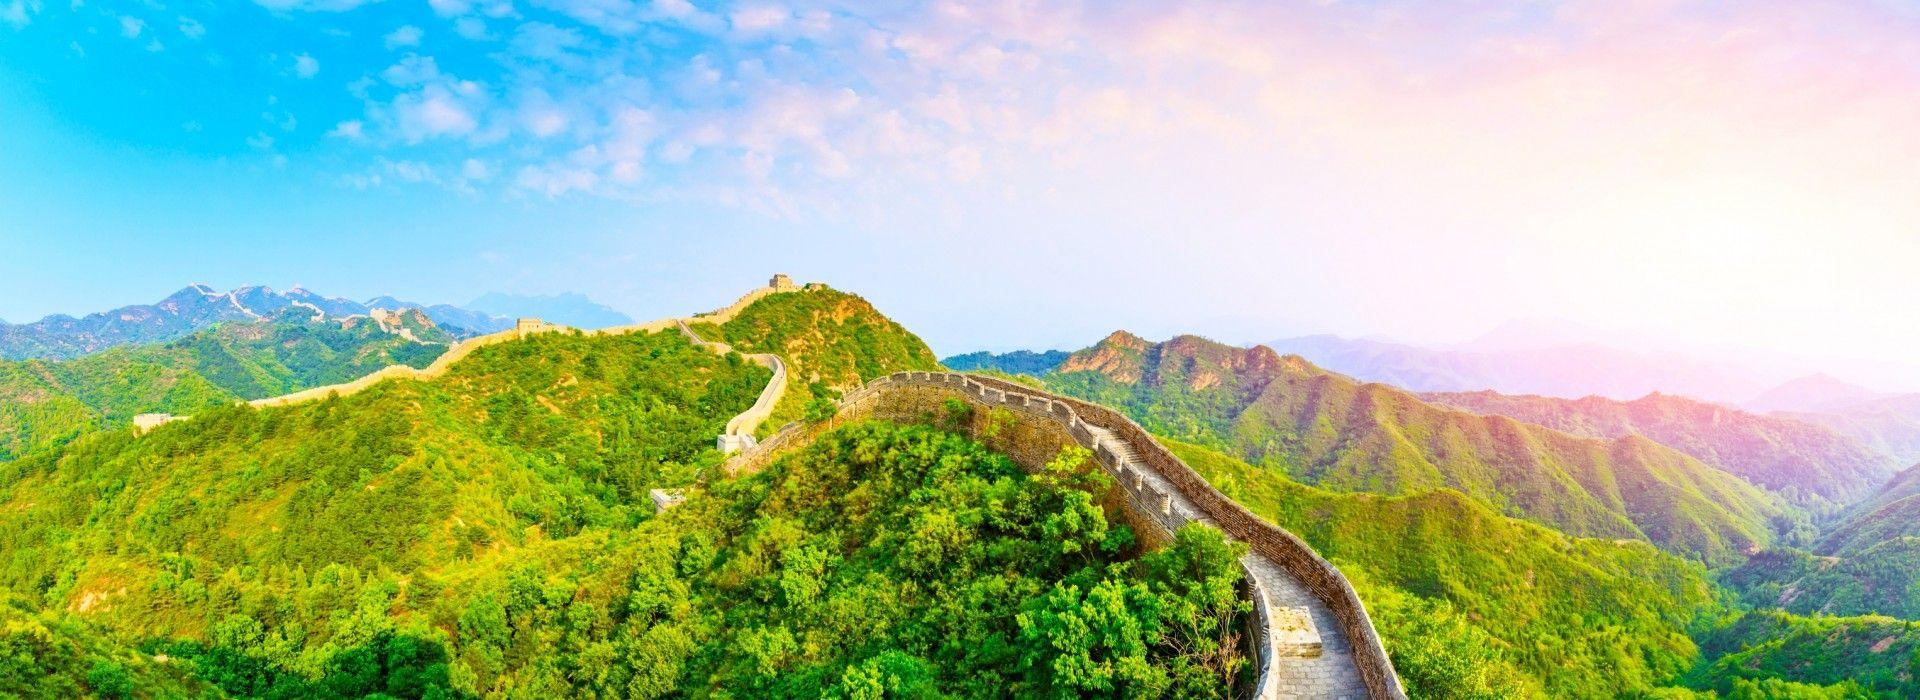 Walking tours in Xian